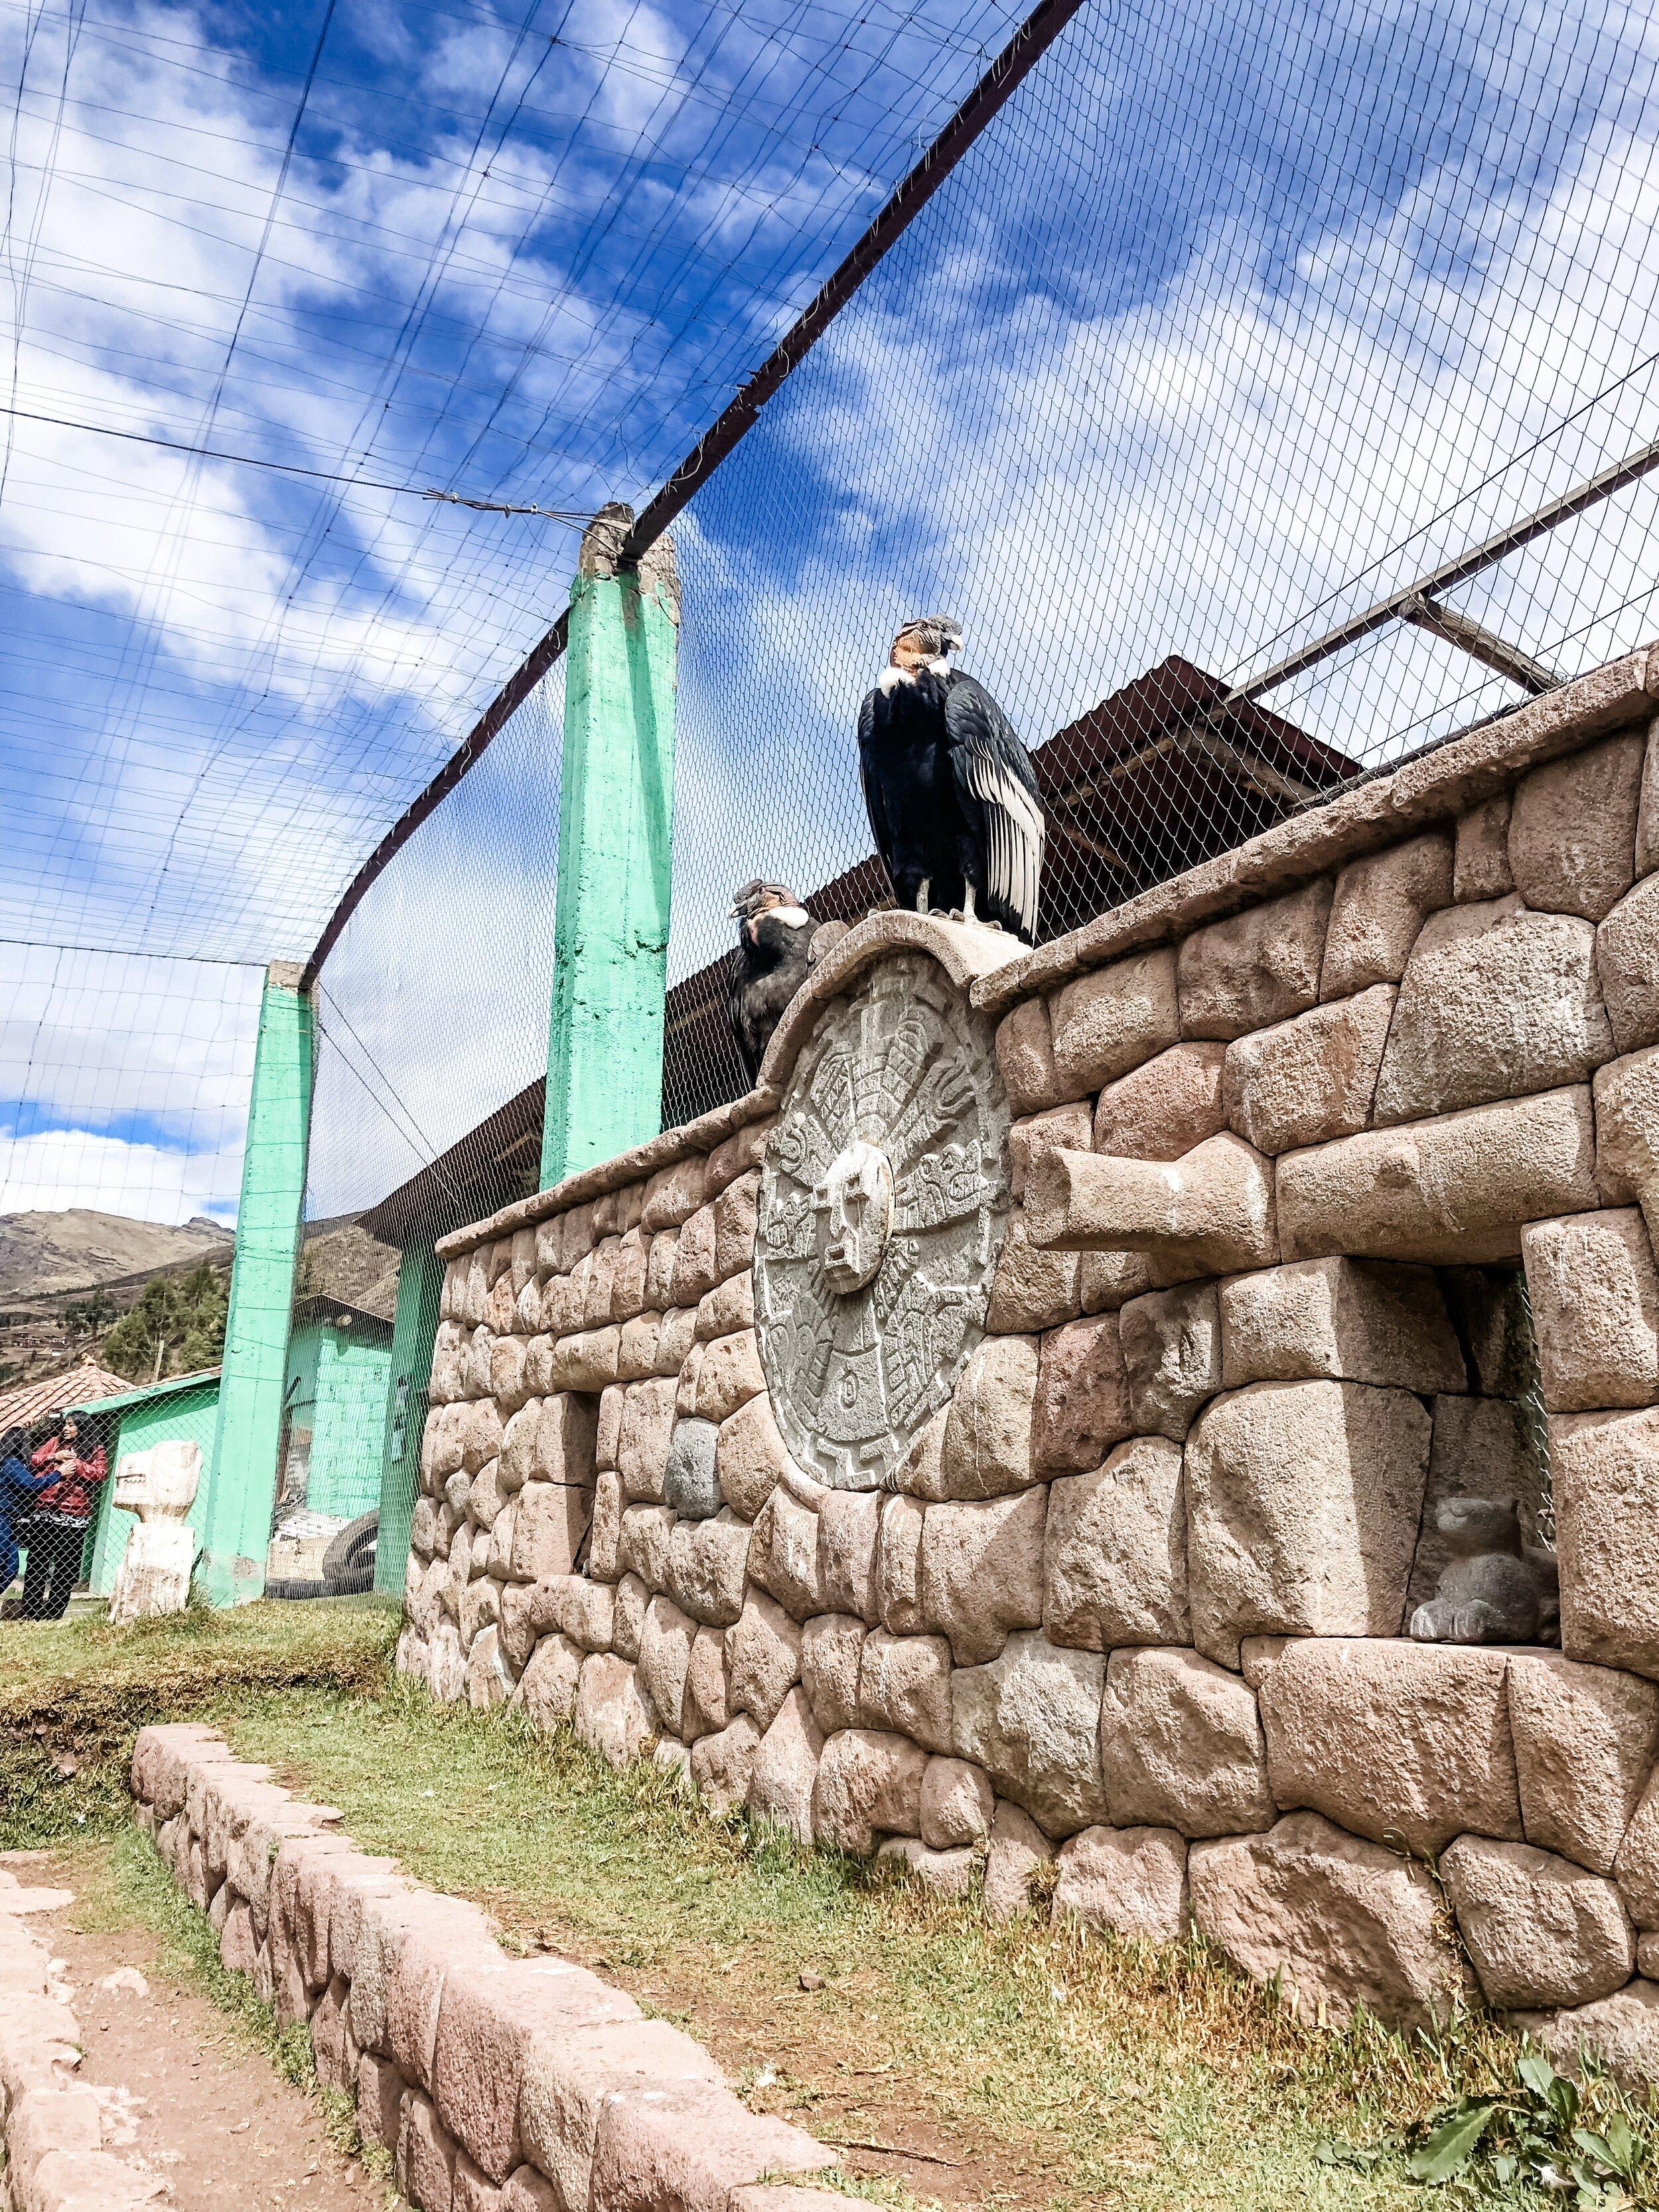 Condor Rehabilitation Center